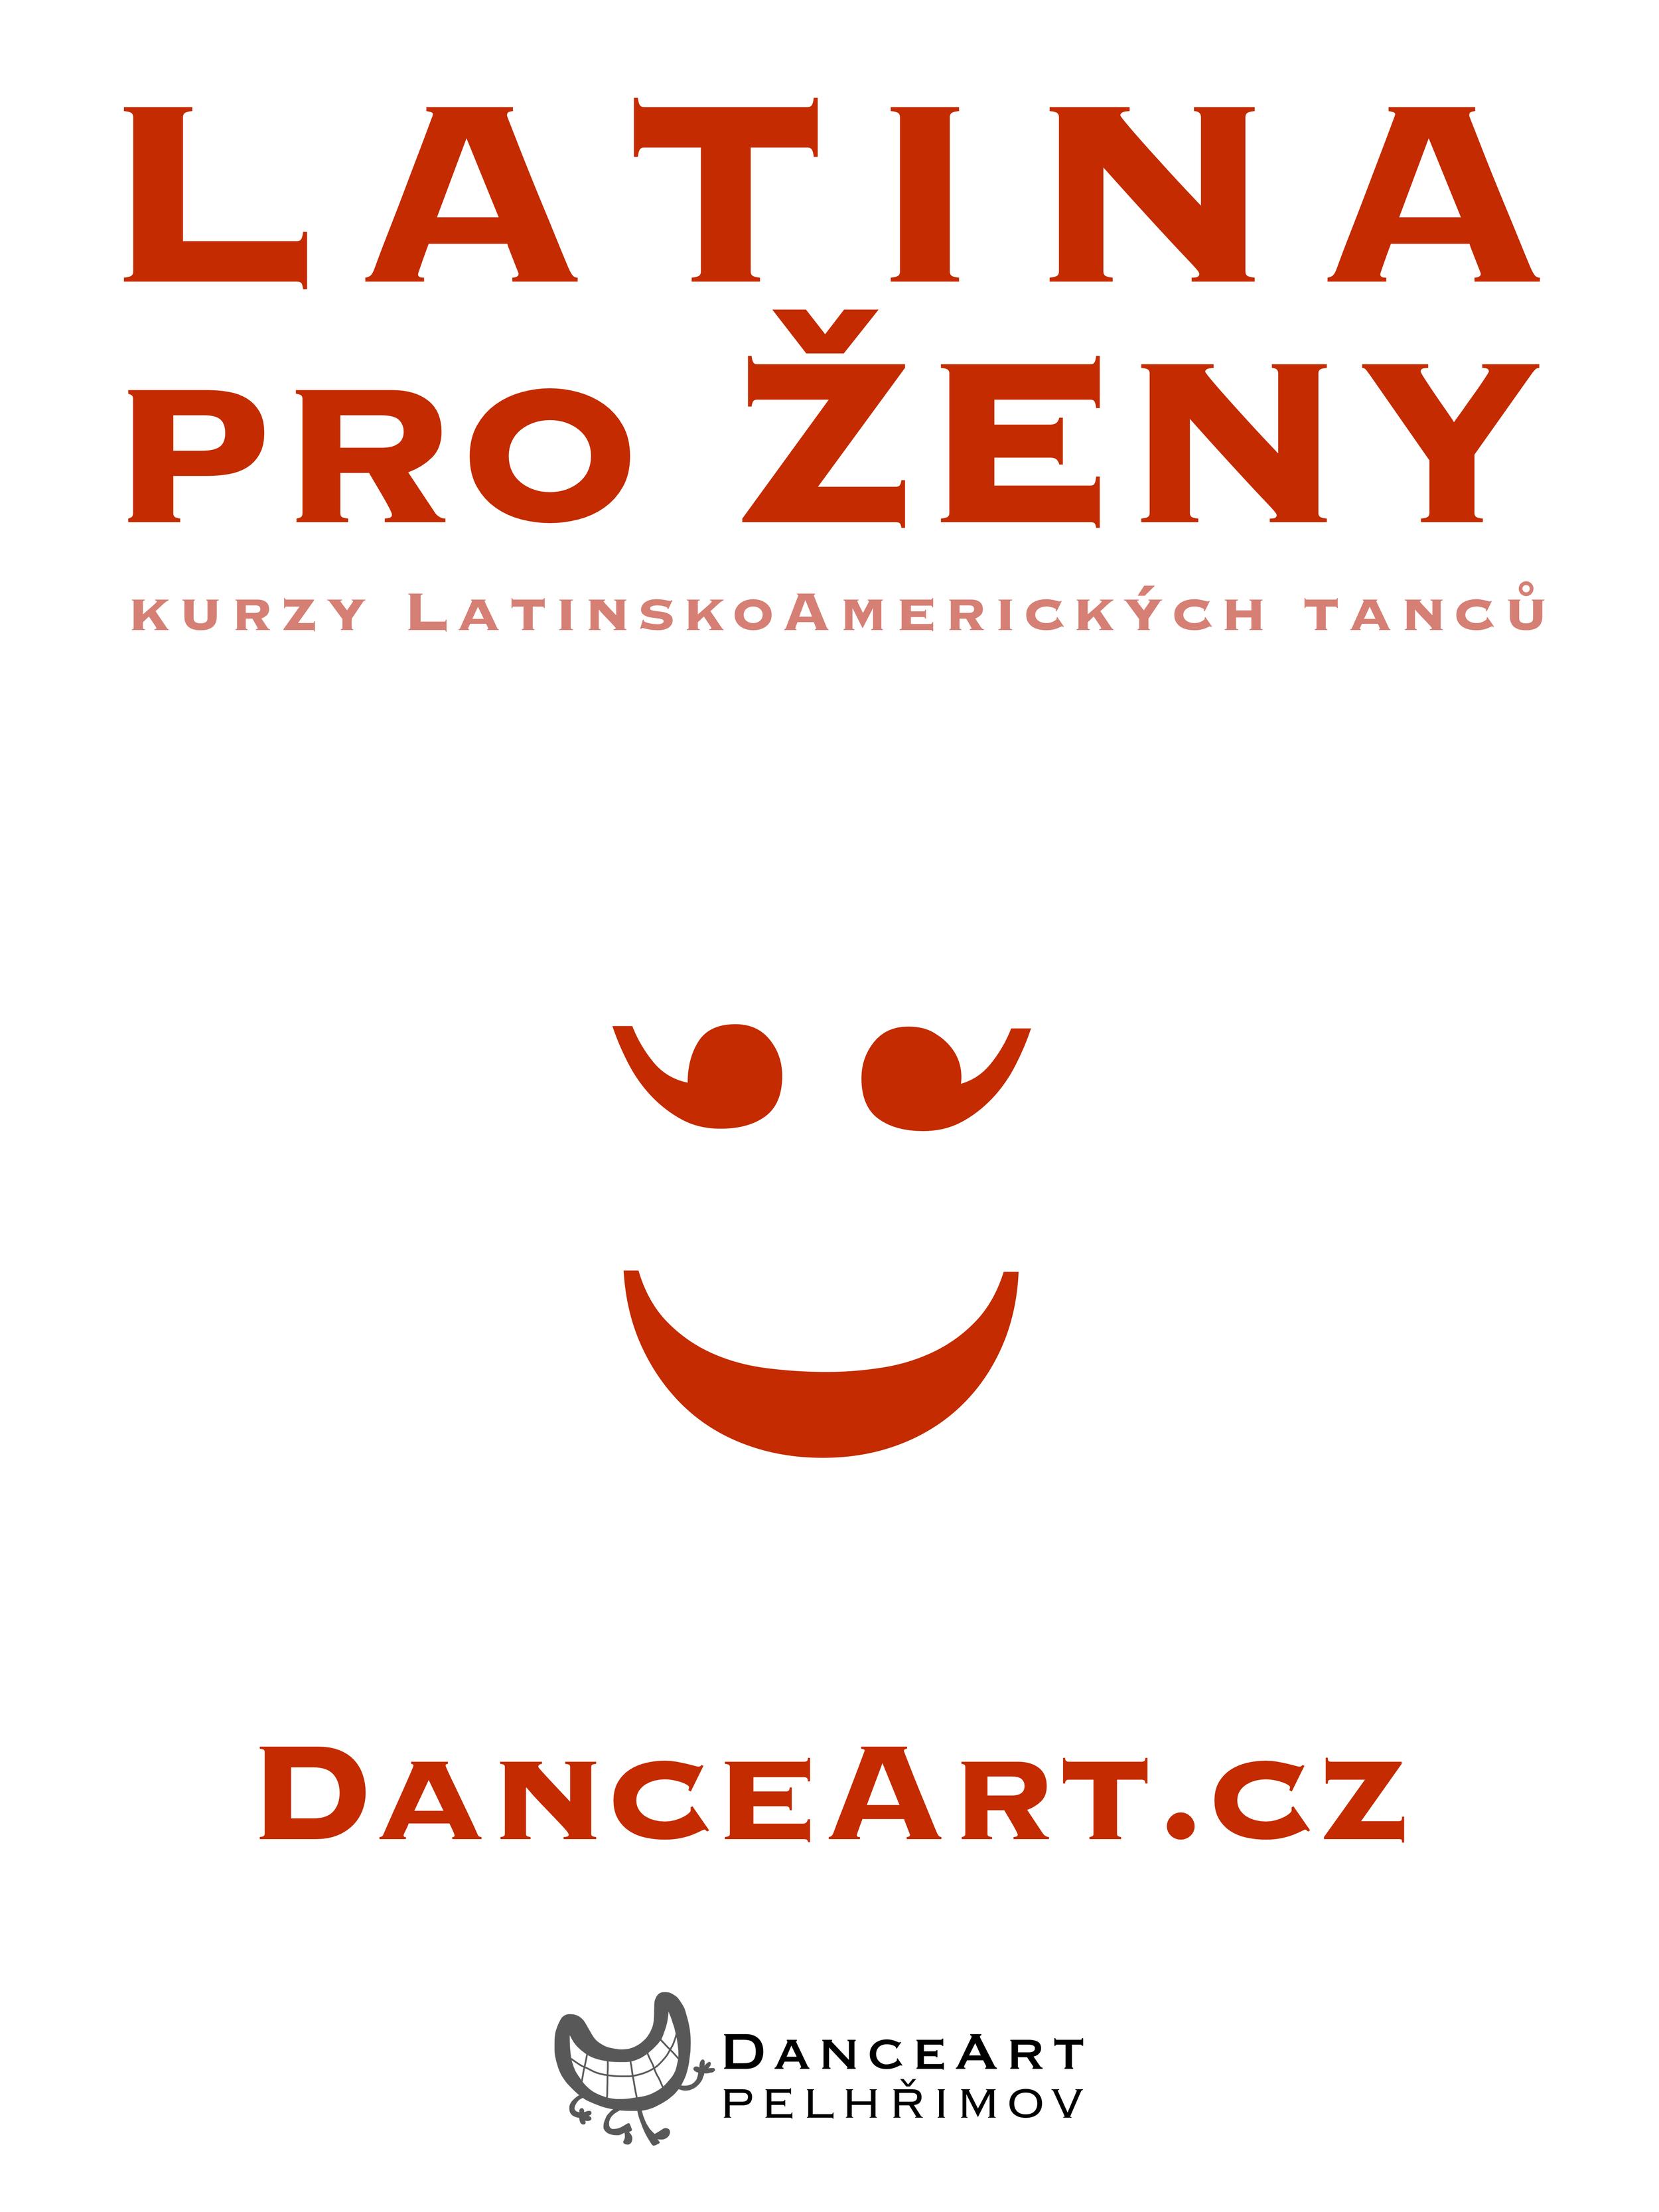 latinskoamericky-tanec-pro-zeny.jpg